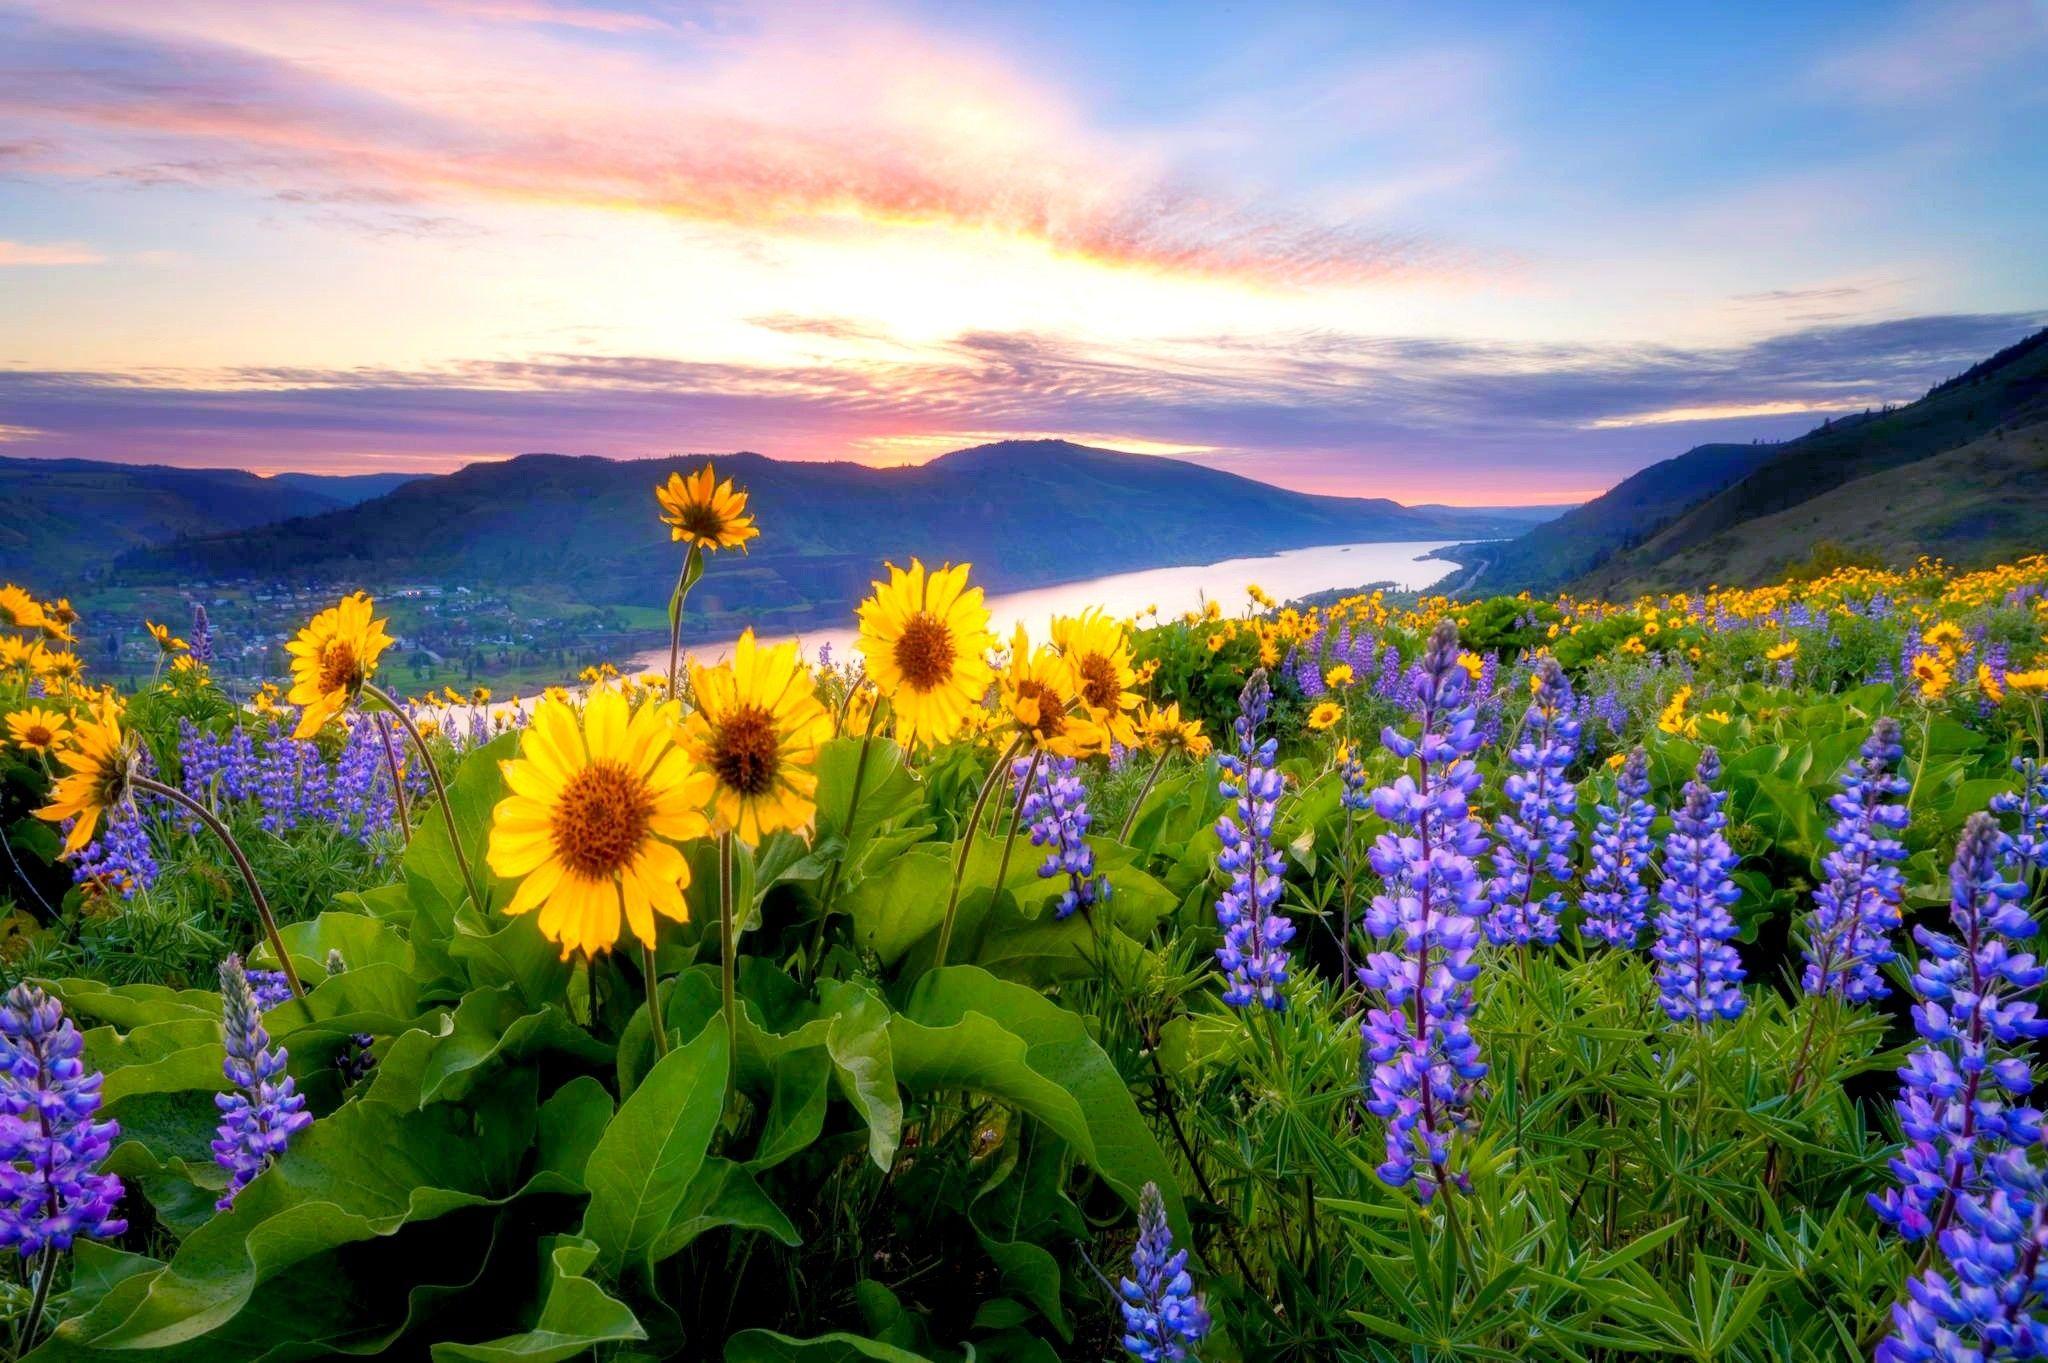 Flores Hermosas Flores Silvestres Fondos De Pantalla Gratis: Flores Silvestres Antes Del Amanecer Salida Del Sol